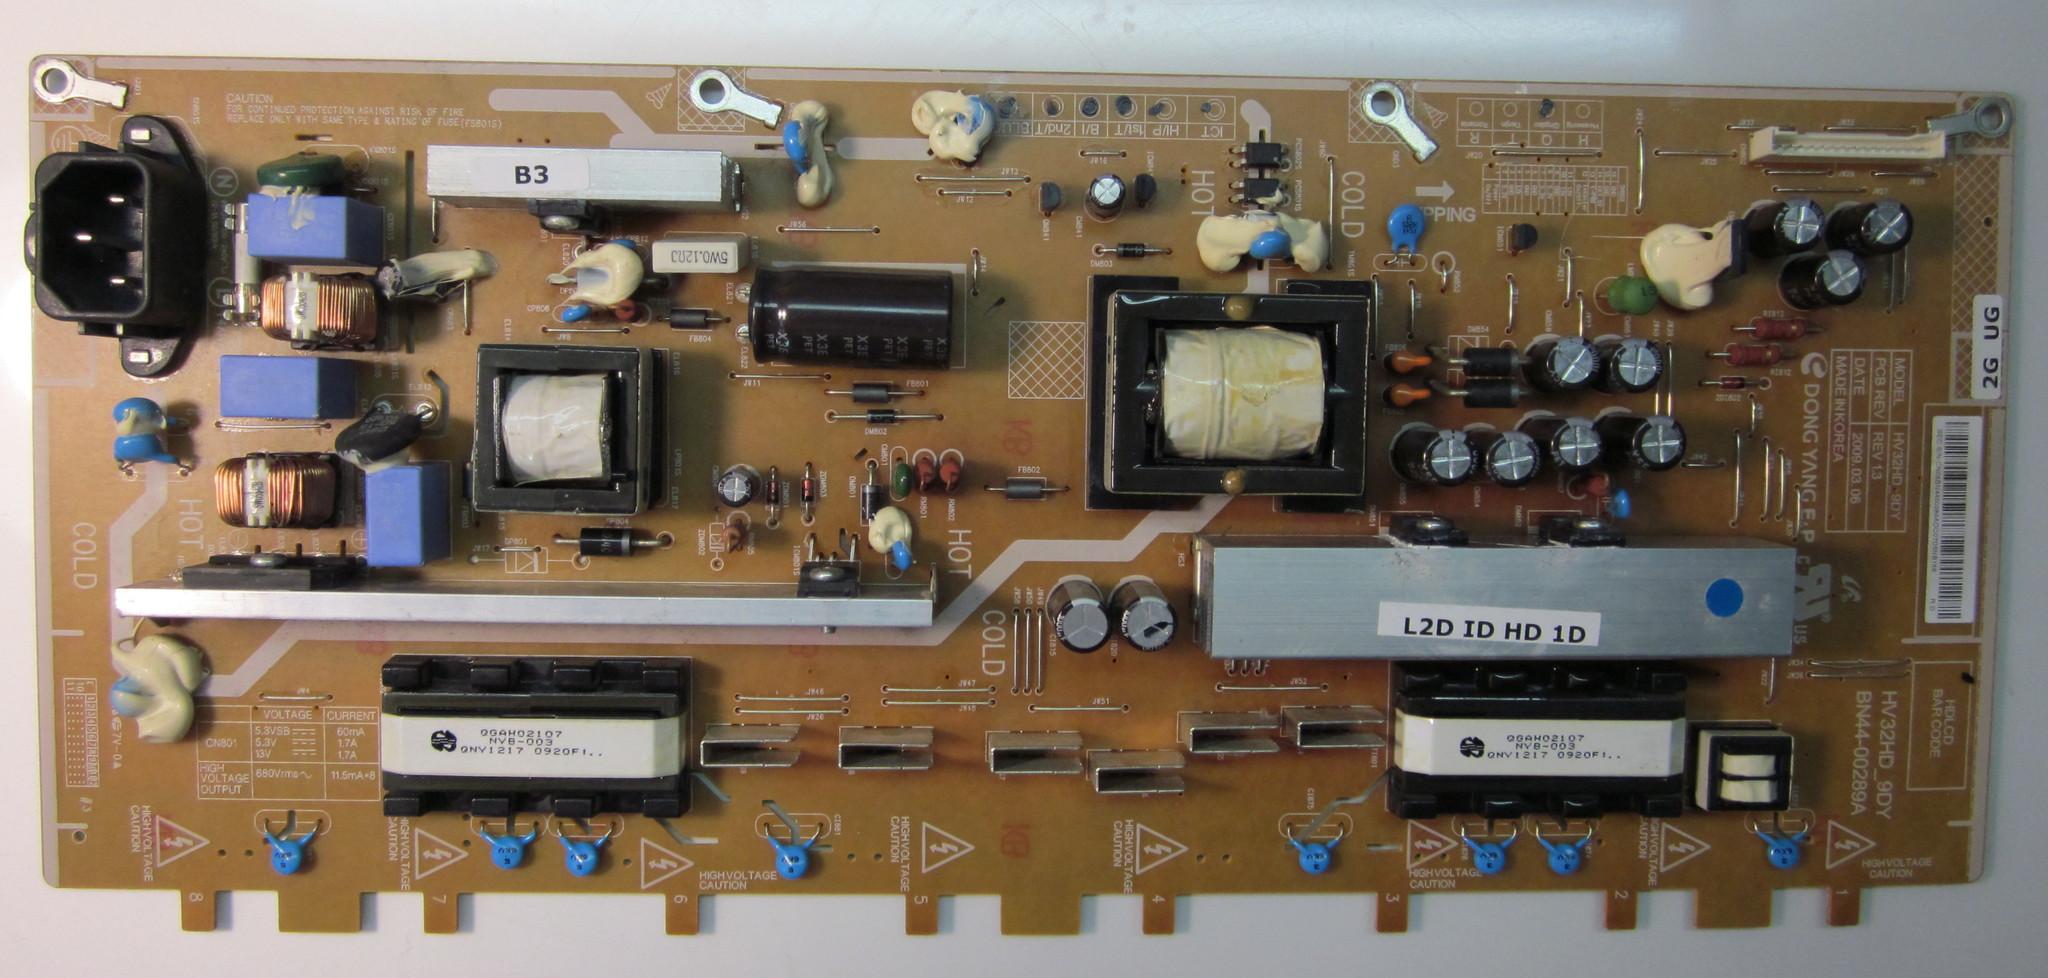 BN44-00289A